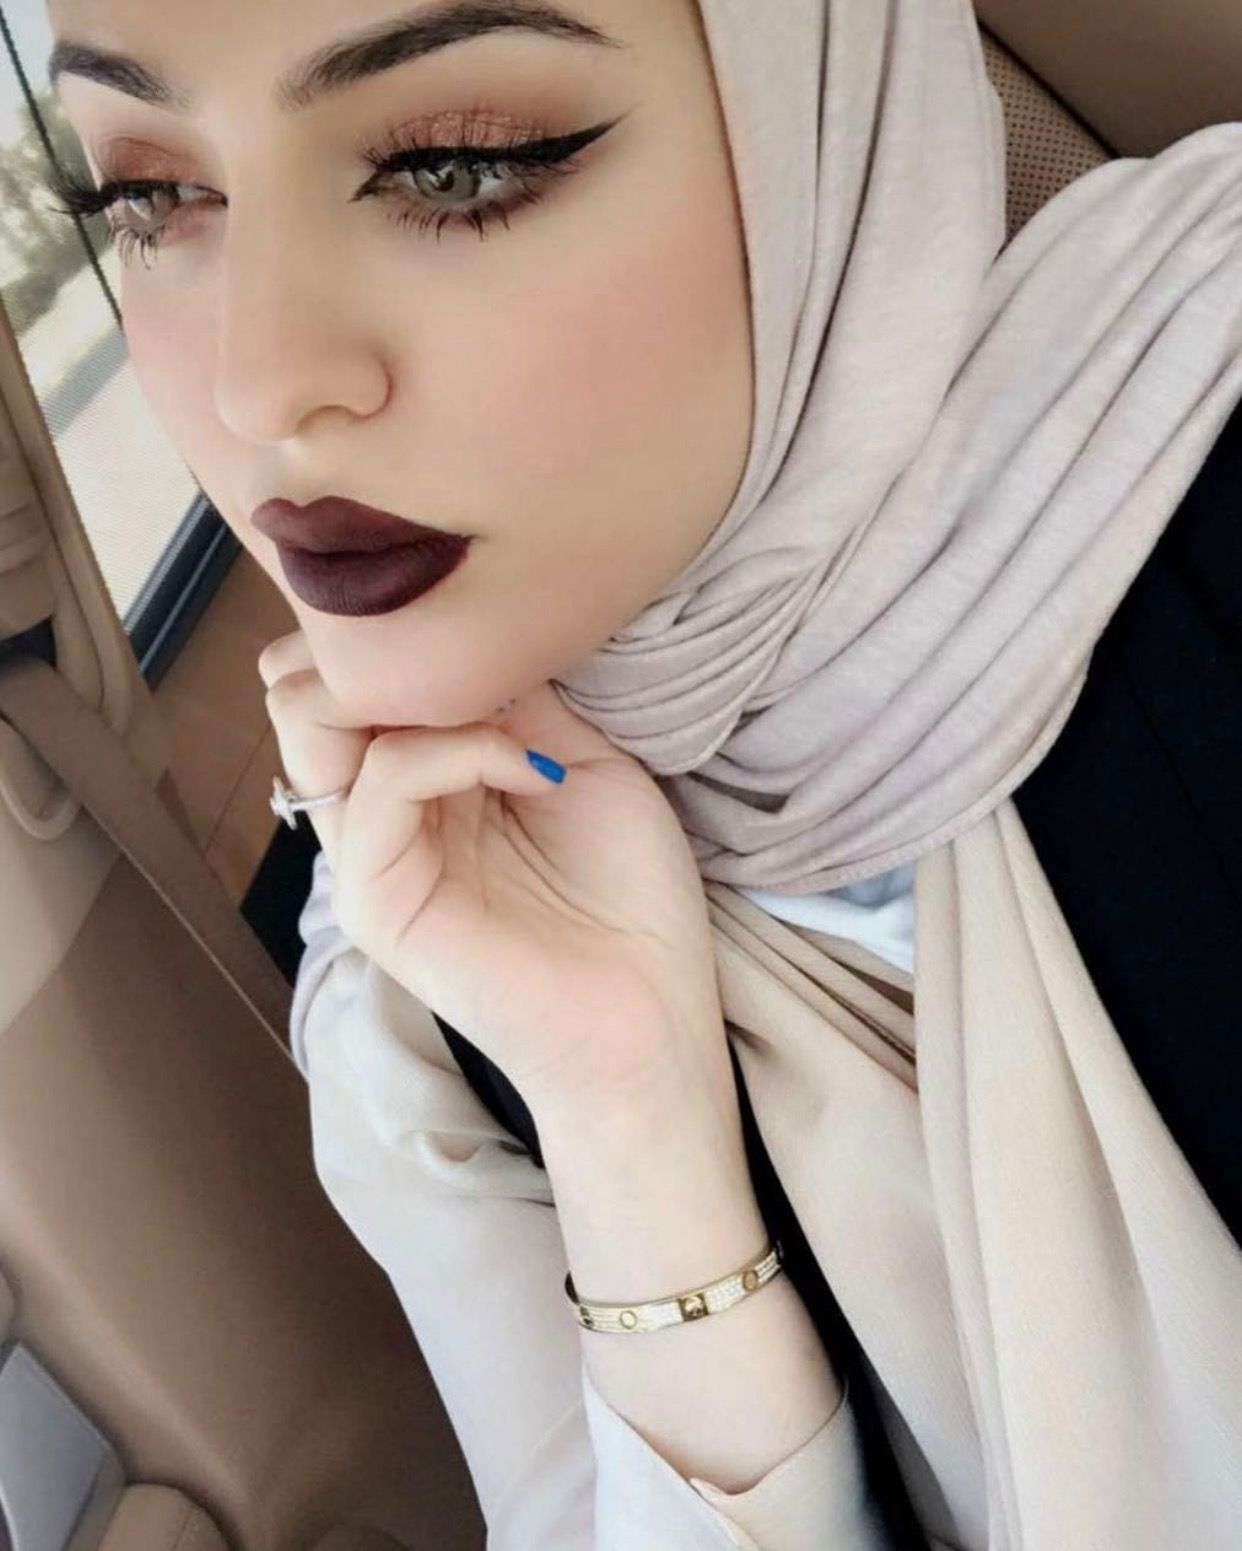 محجبات الفيس بوك بالحجاب بنات الفيس بوك احلام مراهقات